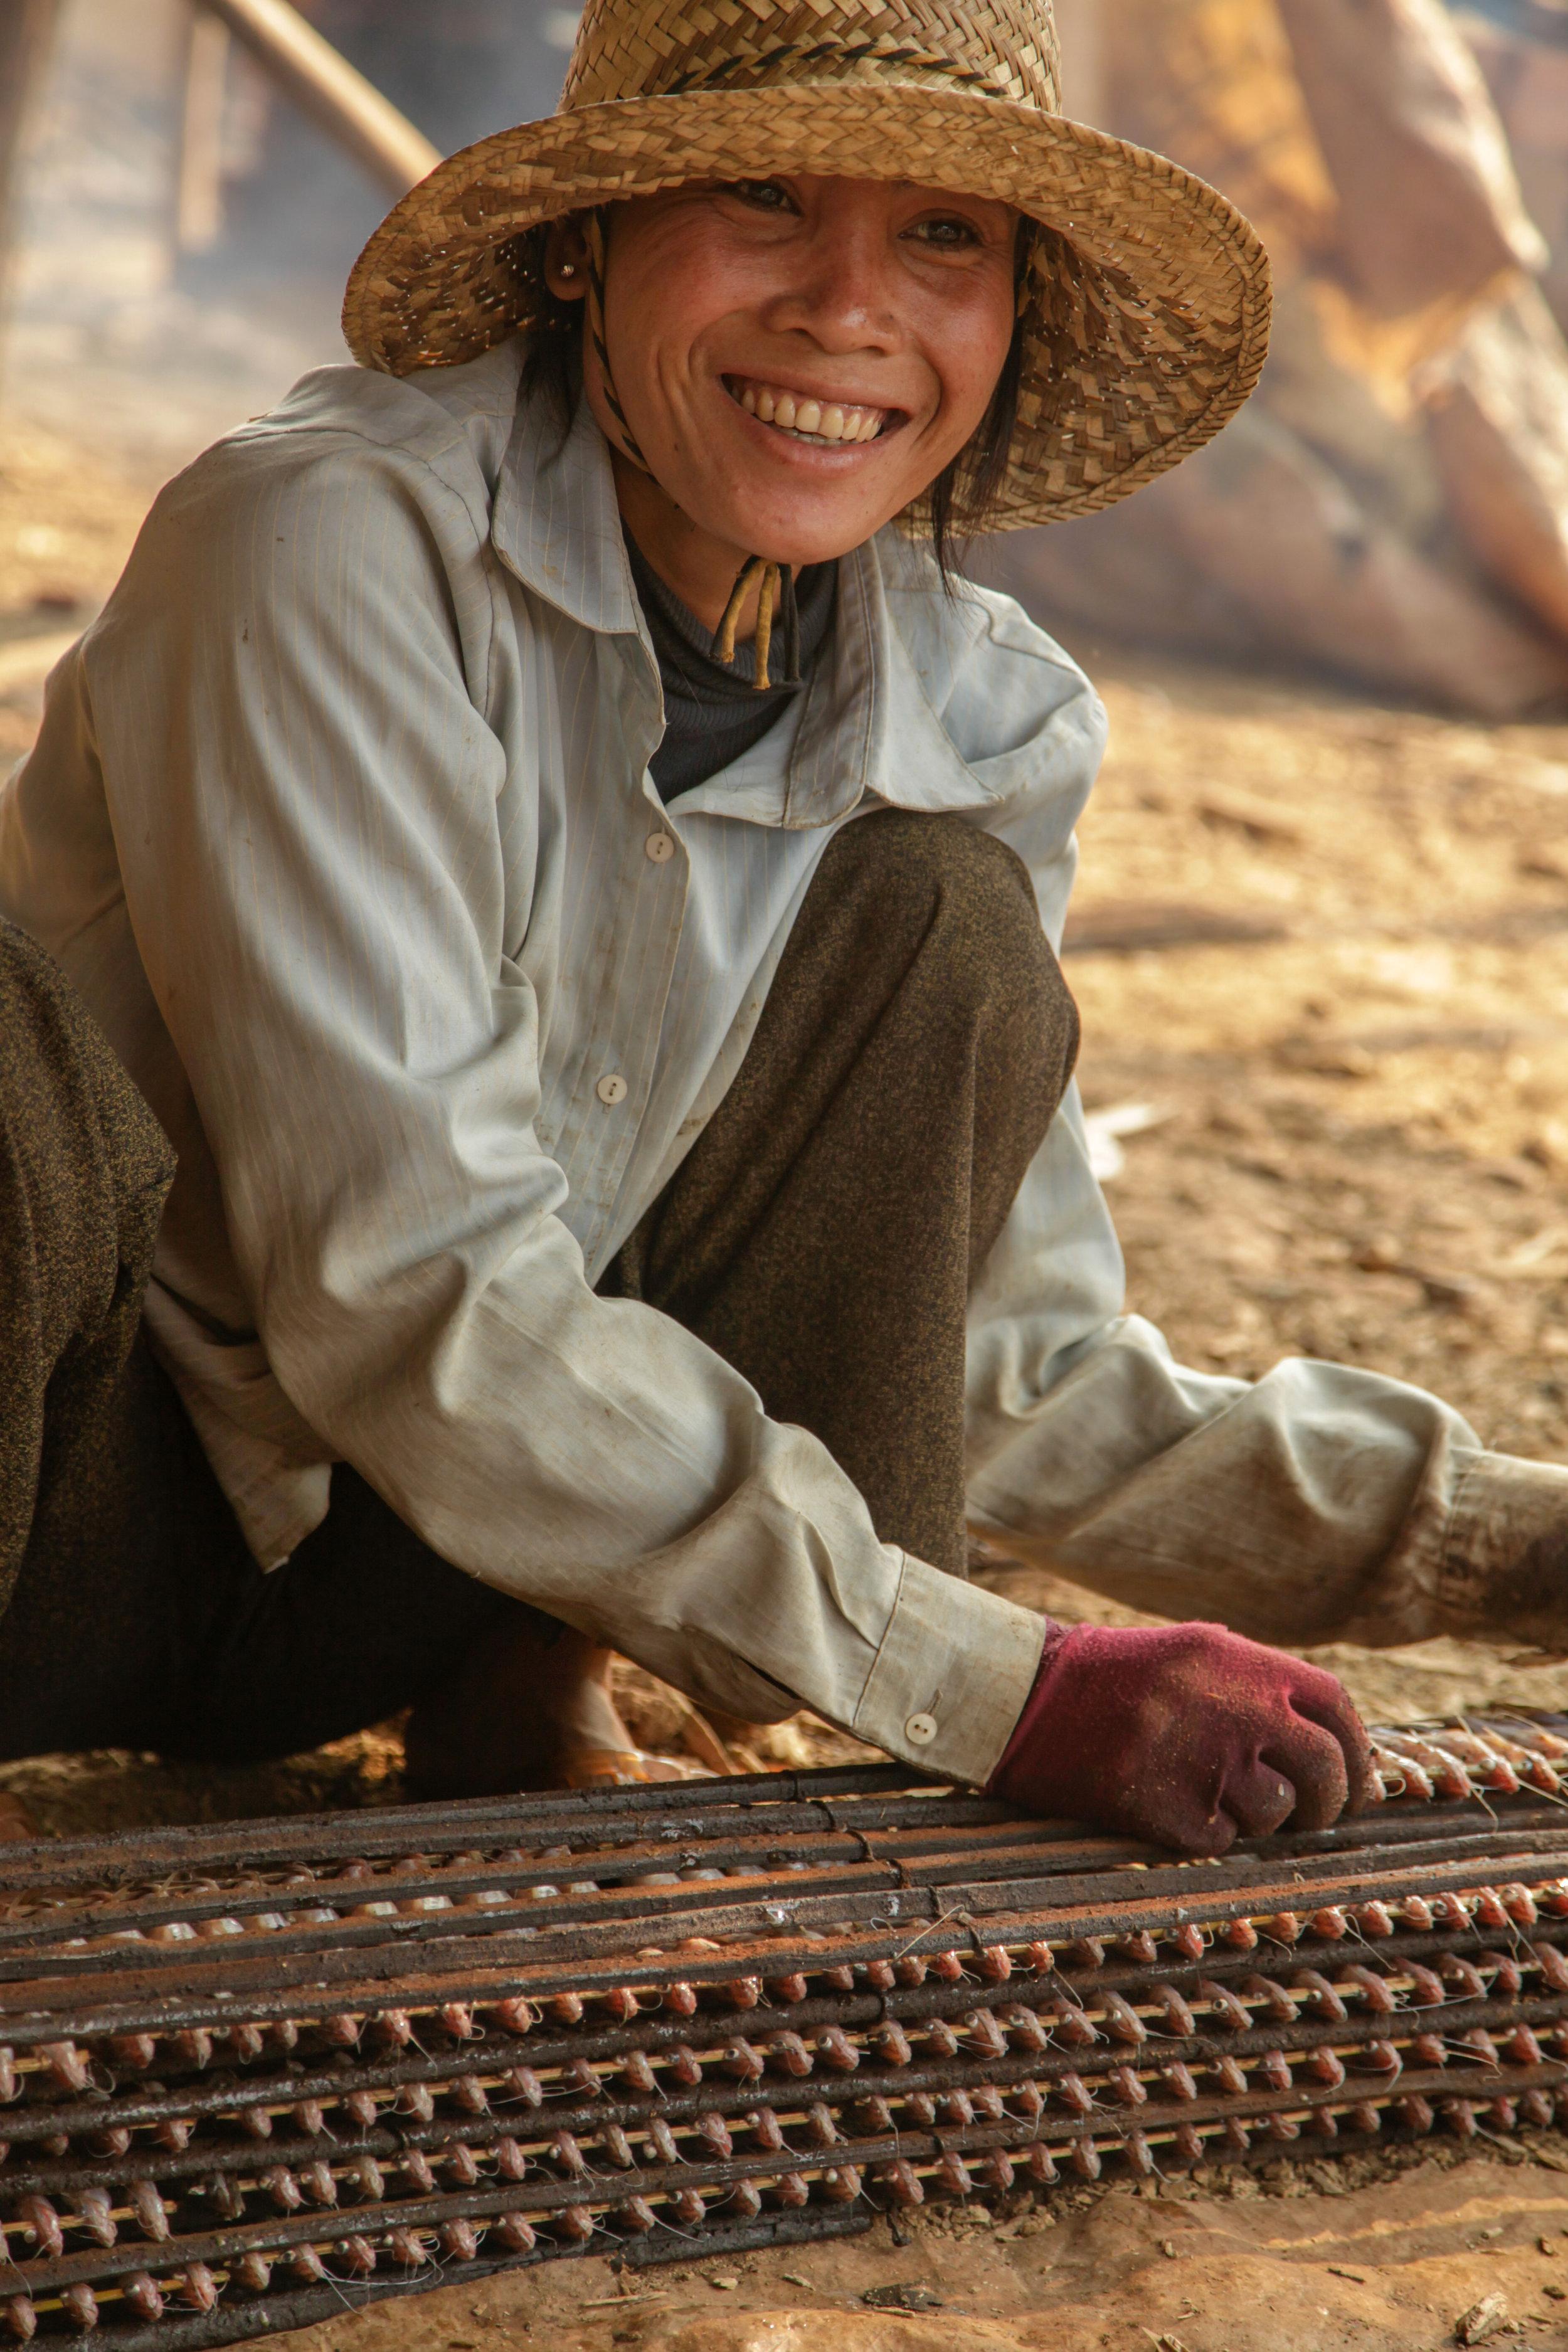 Smiling Faces of Cambodia